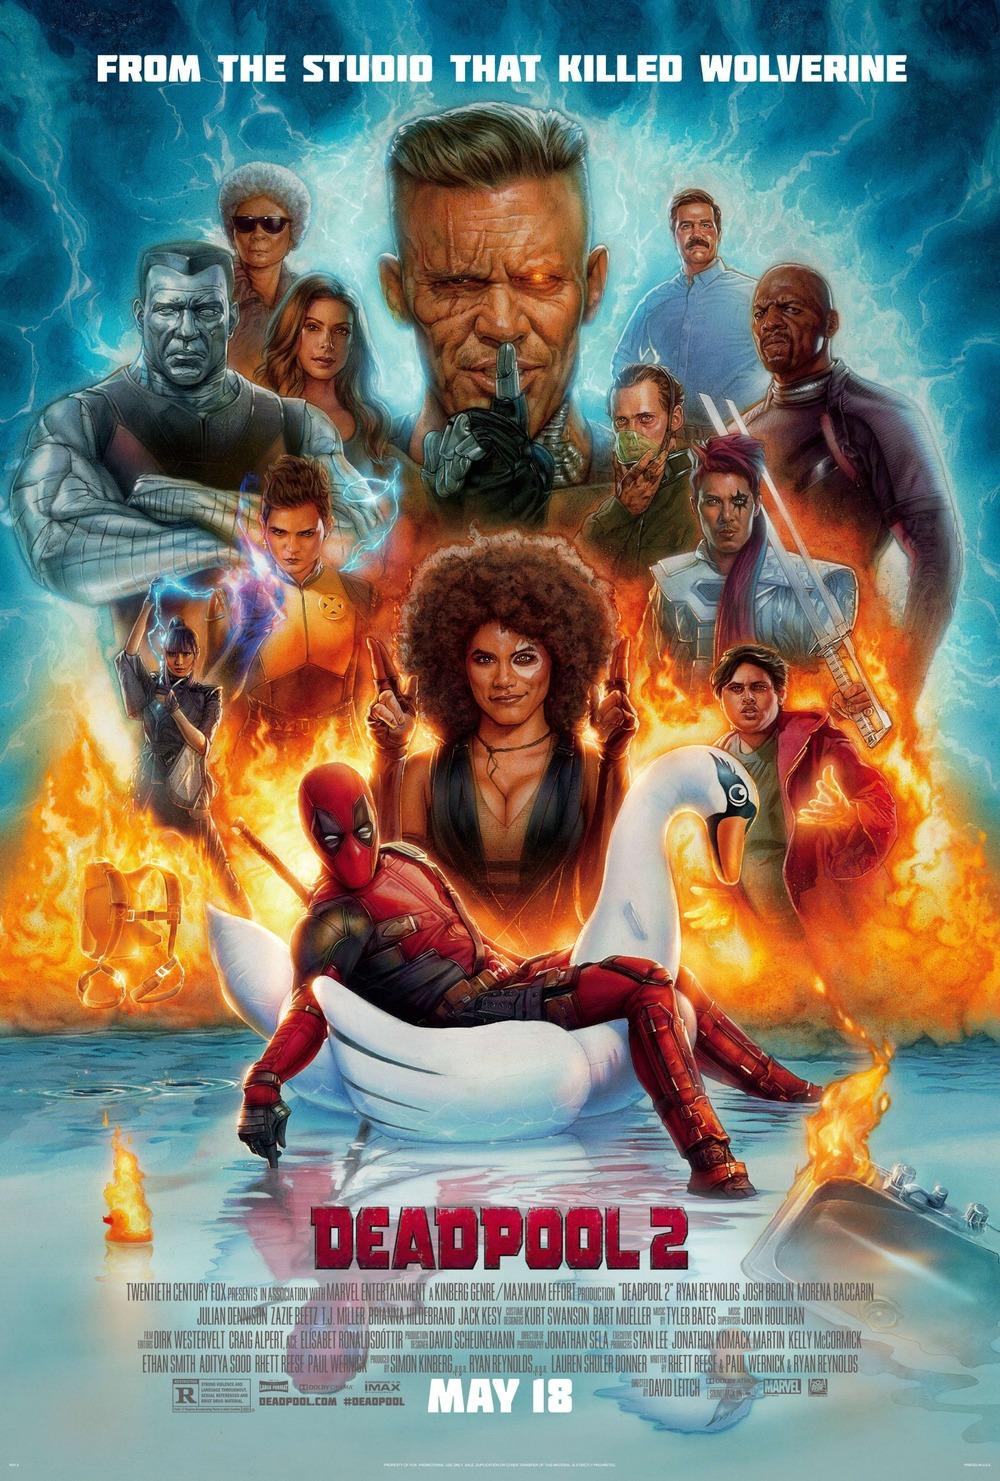 Deadpool dvd release date in Melbourne